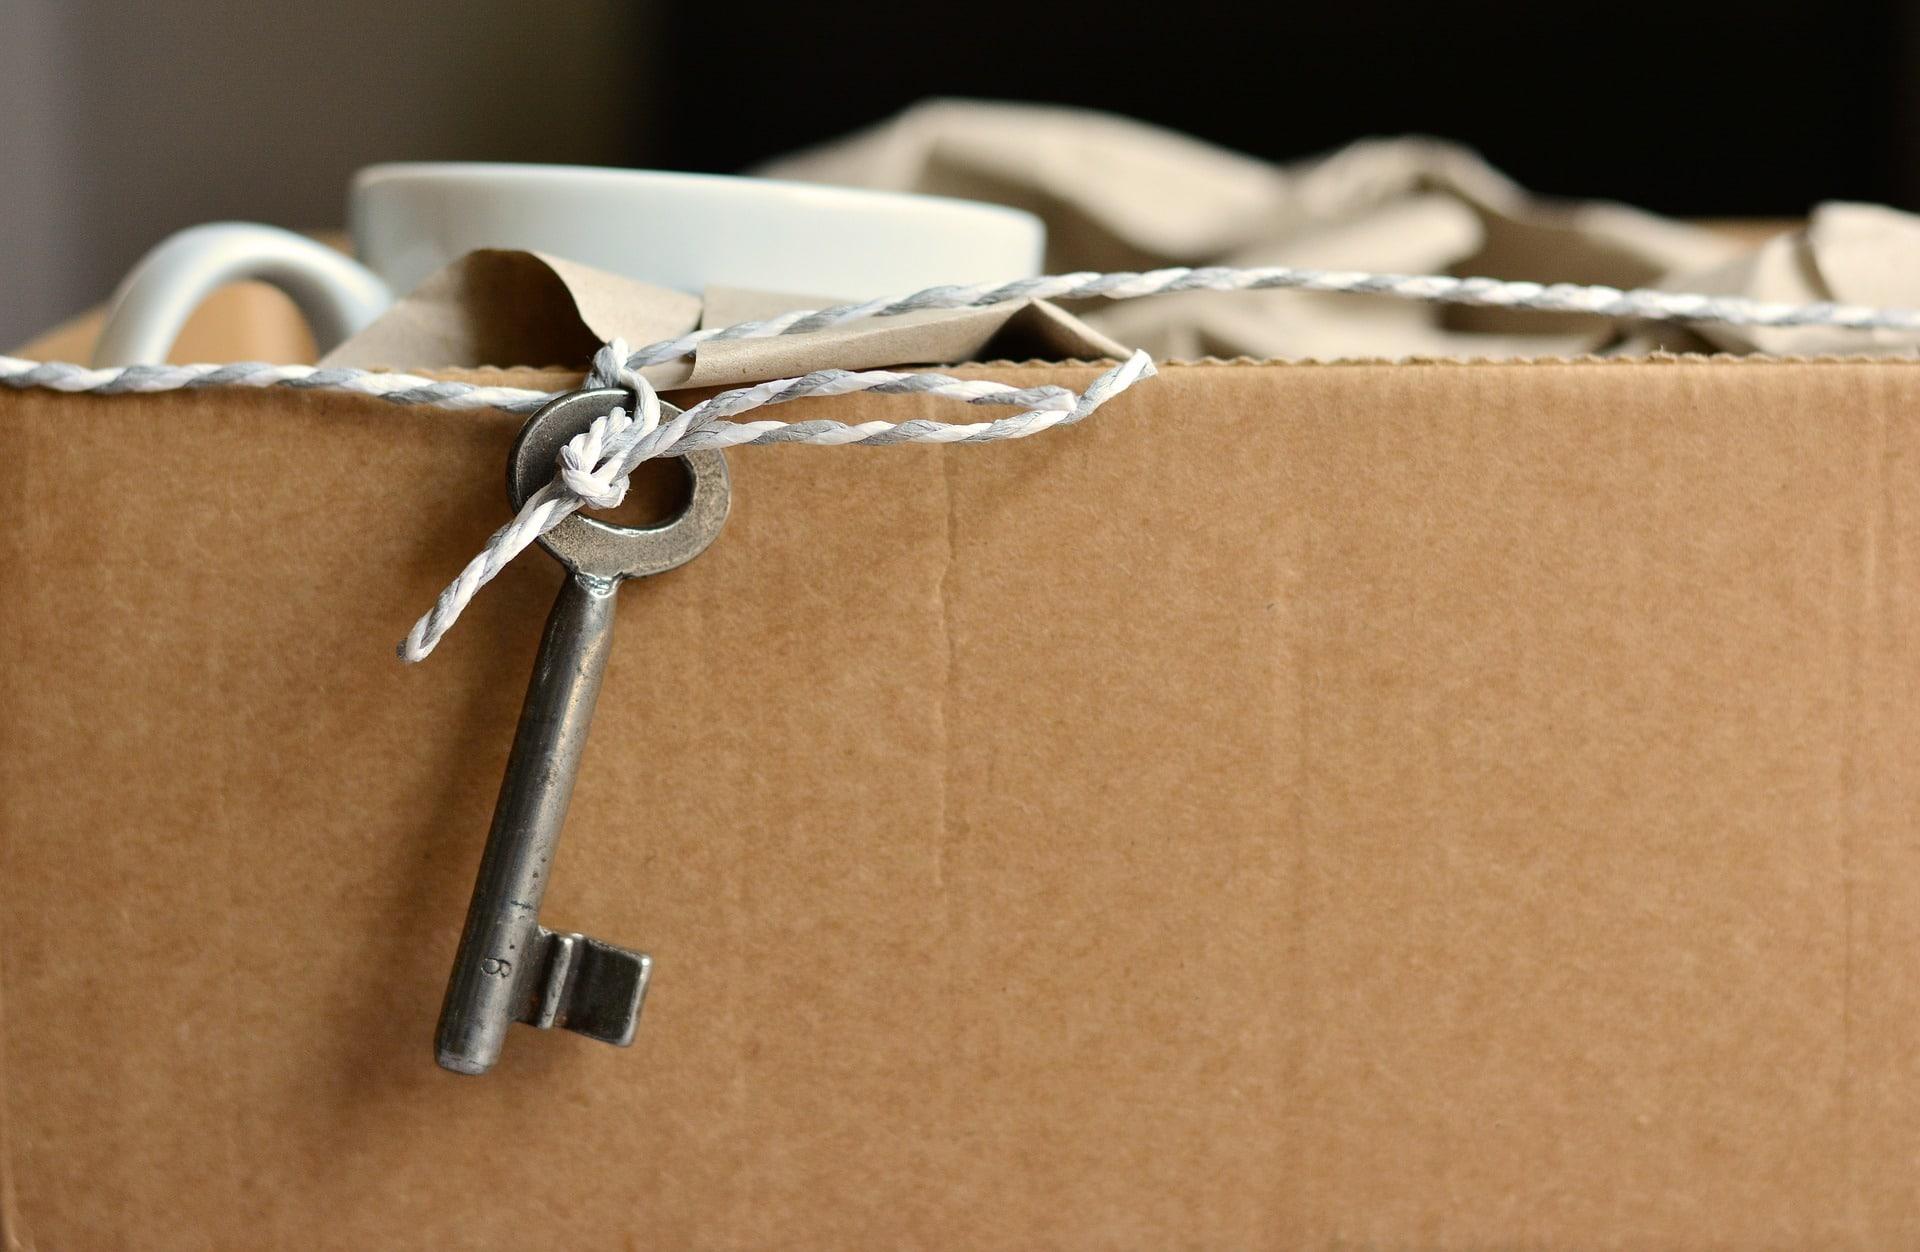 Comment stocker ses biens durant son déménagement?